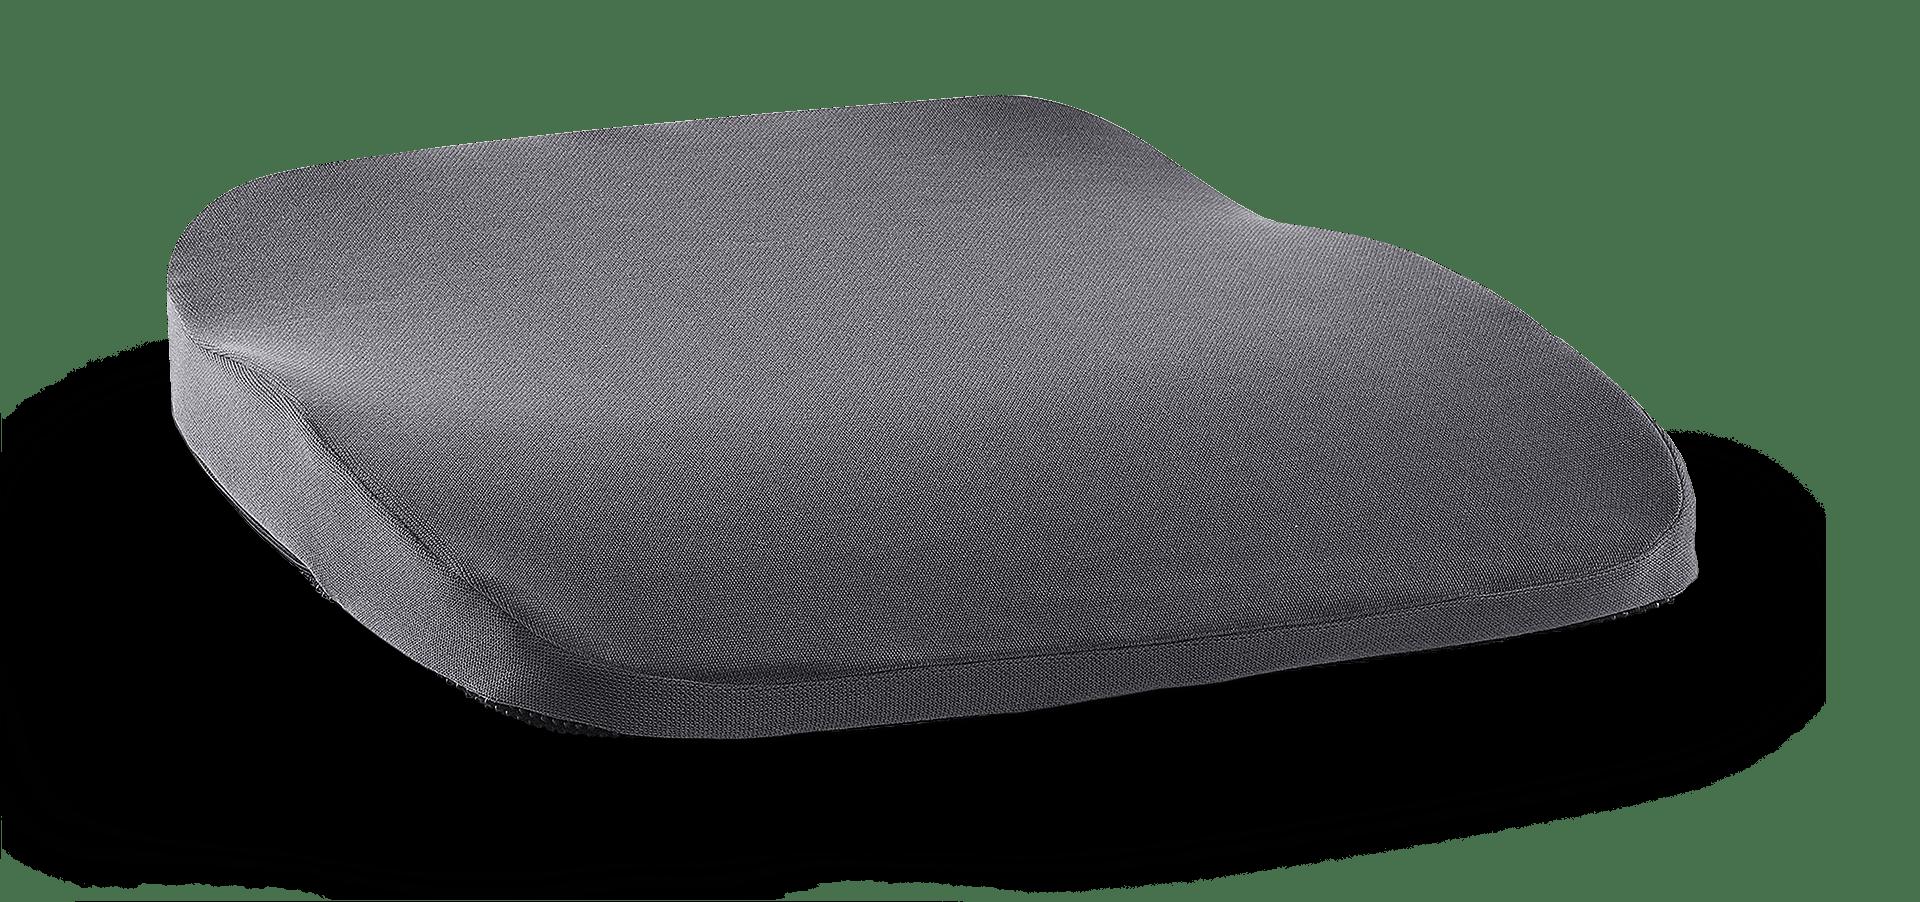 orthopaedisches Sitzkissen hueftkissen pkw sitzauflage grau